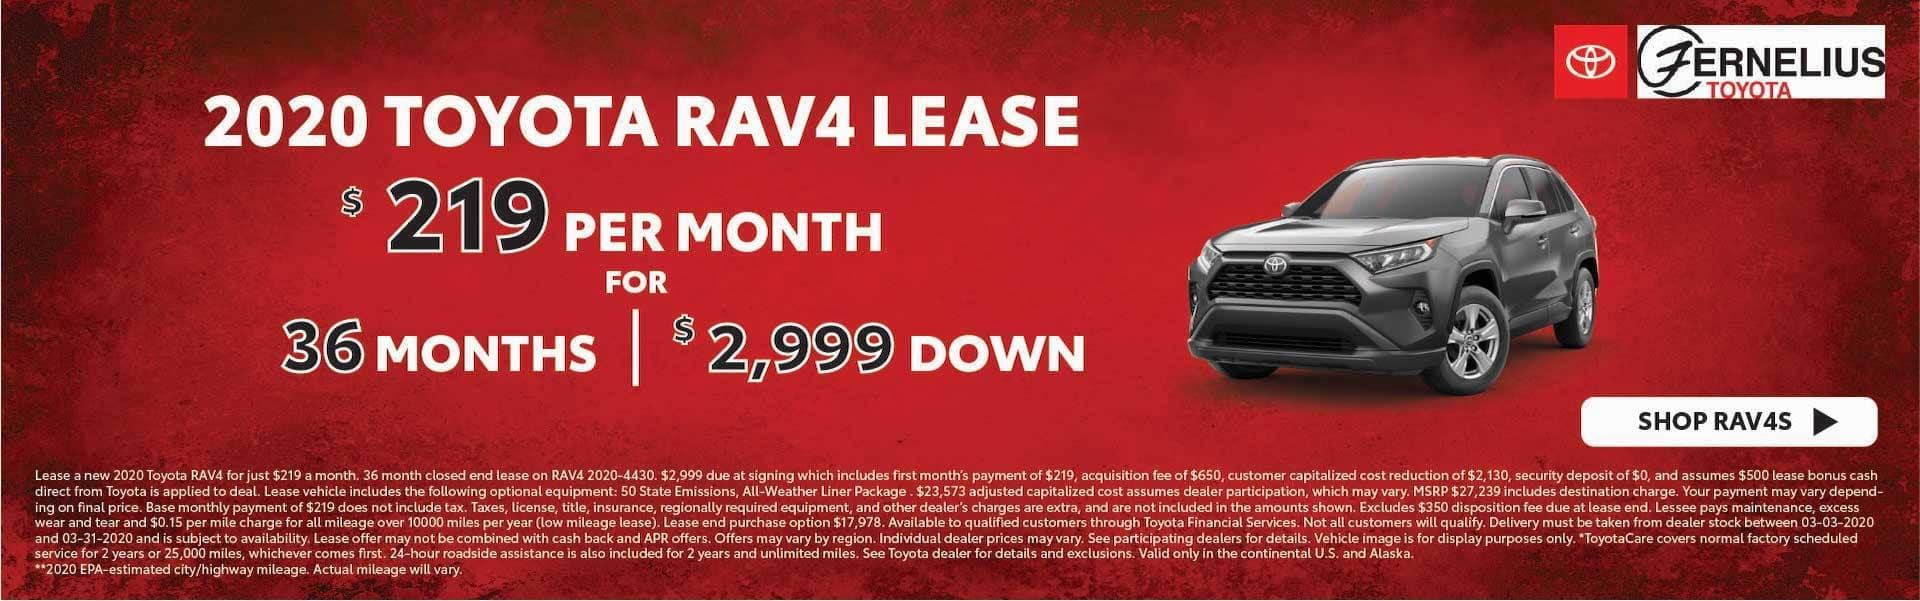 2020 RAV4 Lease